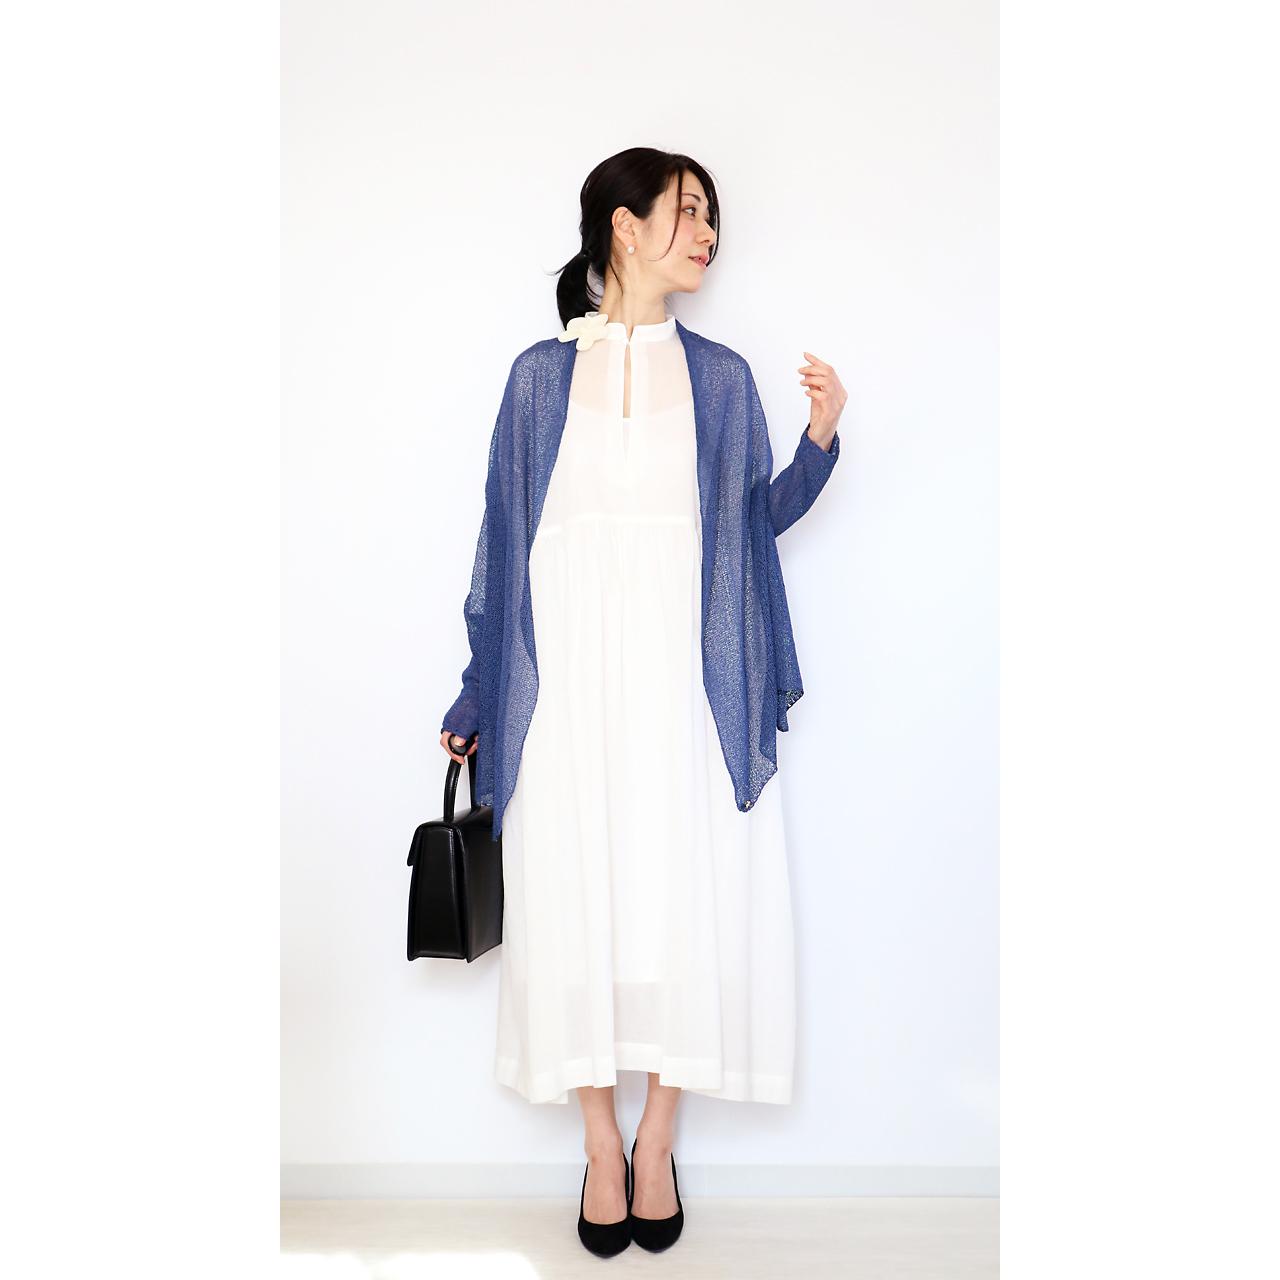 Rigel[リゲル] 袖付きストール / ナイト・ブルー